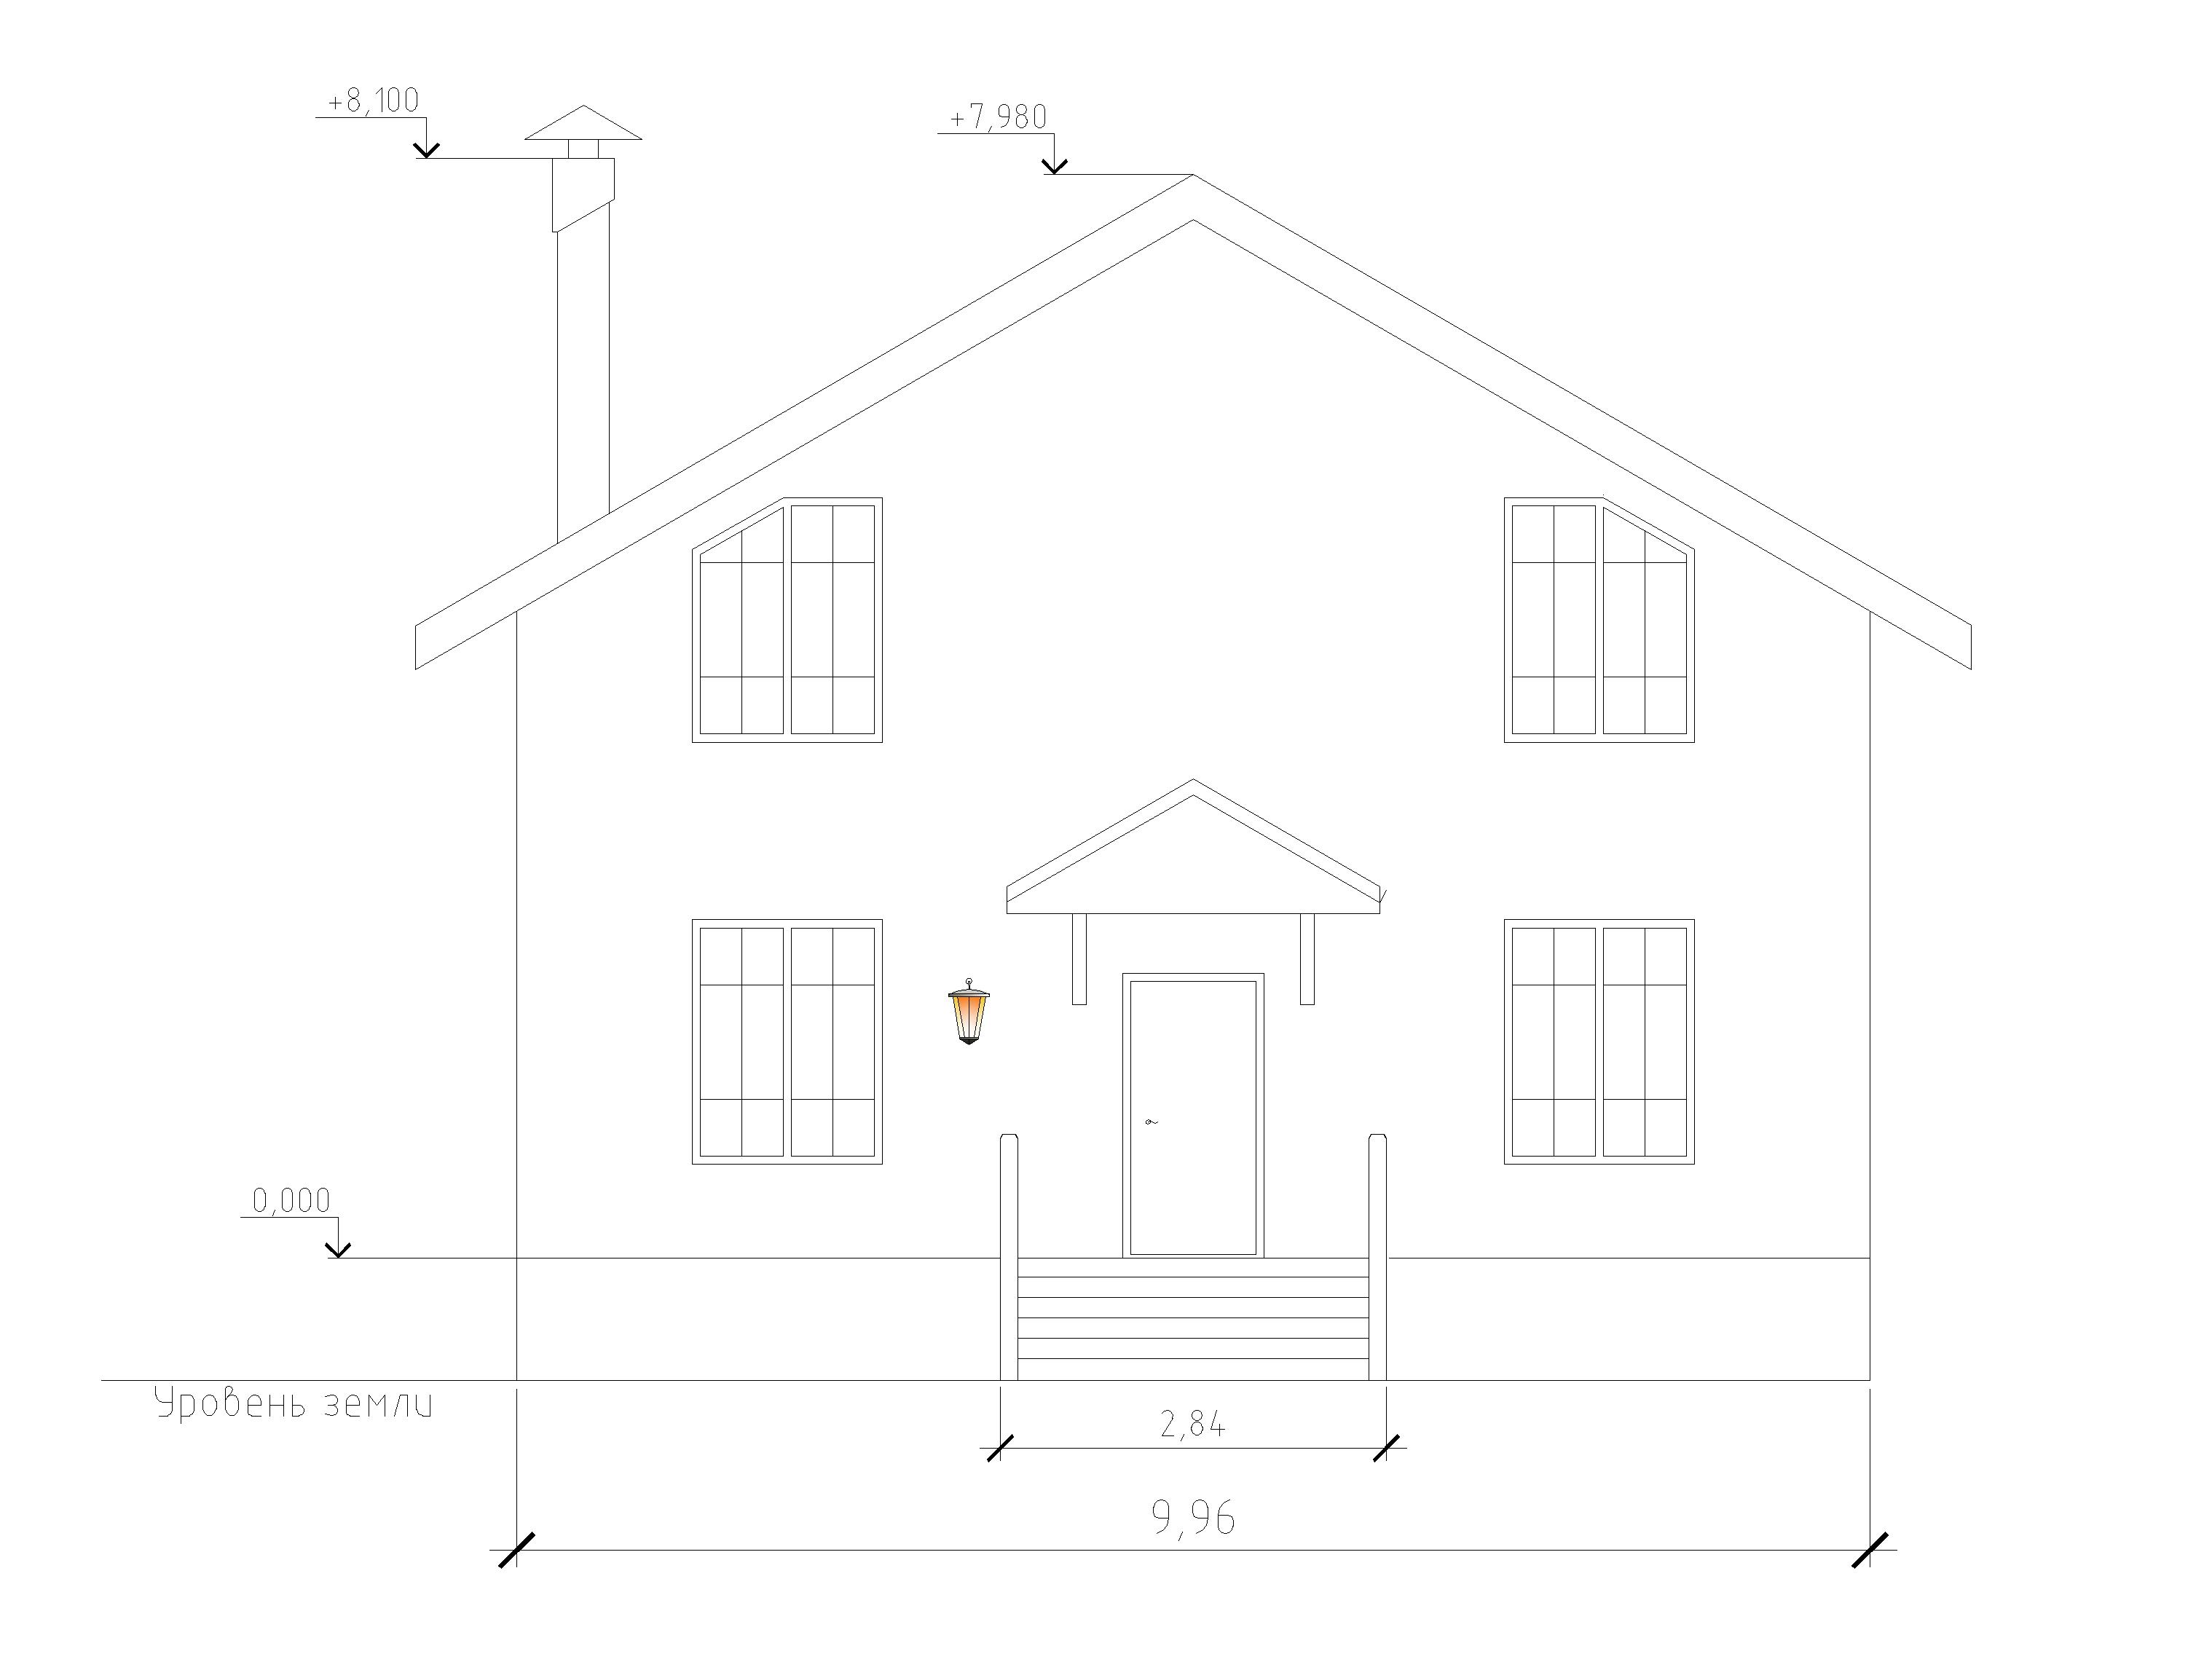 5 Готовый проект коттеджа 125 м2 / Артикул Э-56 фасад